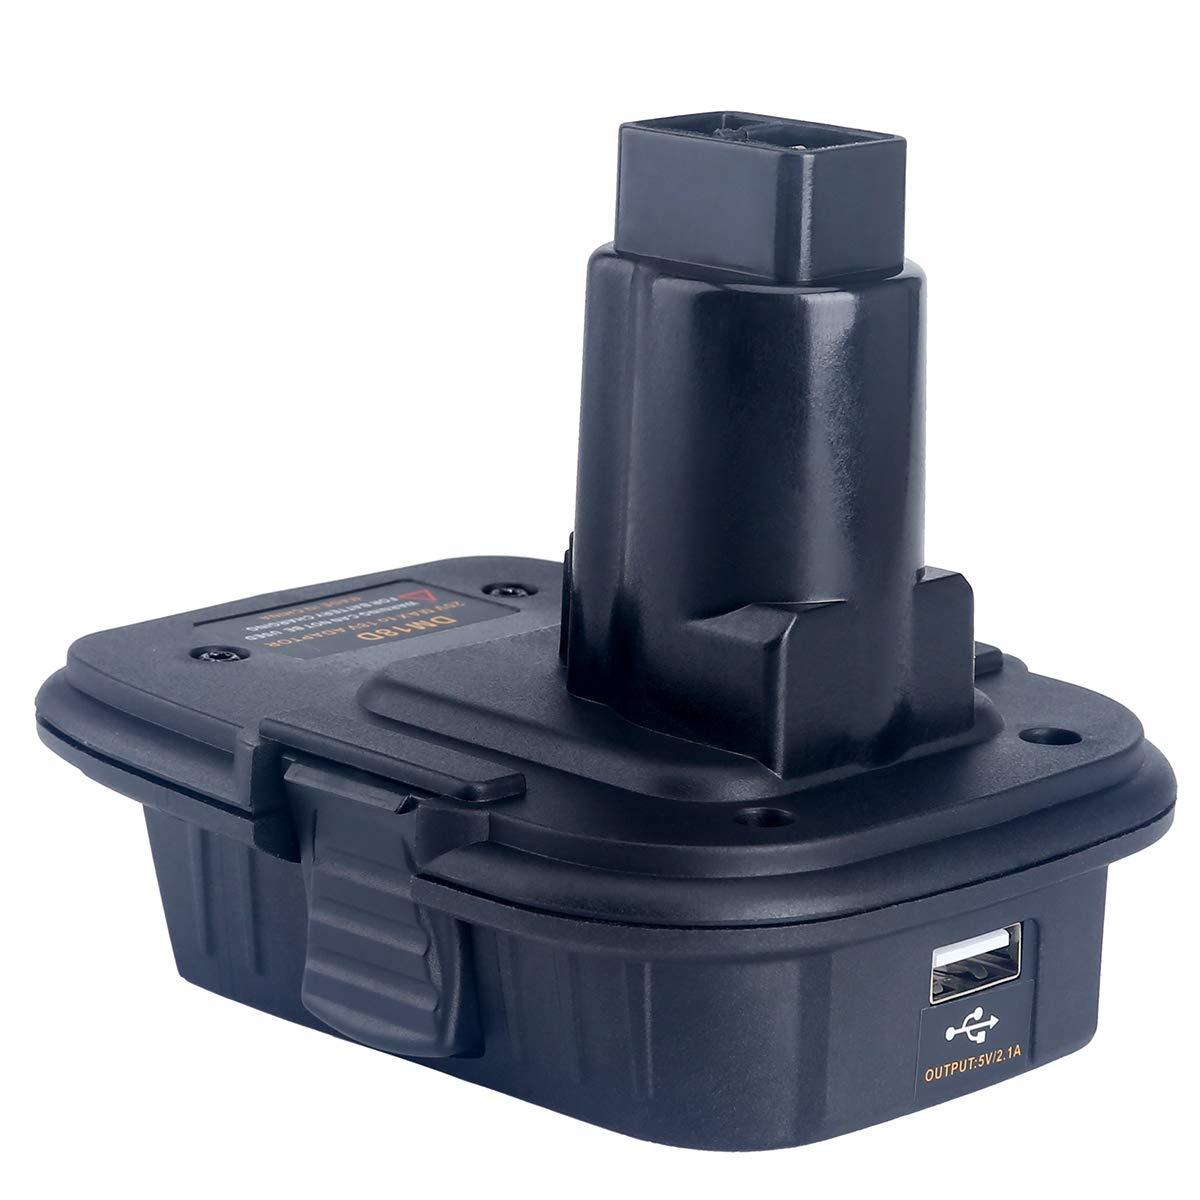 Lasica 20V Battery Adapter DCA1820 with USB port for Dewalt 18V Tools, Convert DeWalt MAX 20Volt Lithium-Ion Battery DCB204 DCB205 or Milwaukee 18V Battery M18 to DeWalt 18V NiCad NiMh Battery DC9096